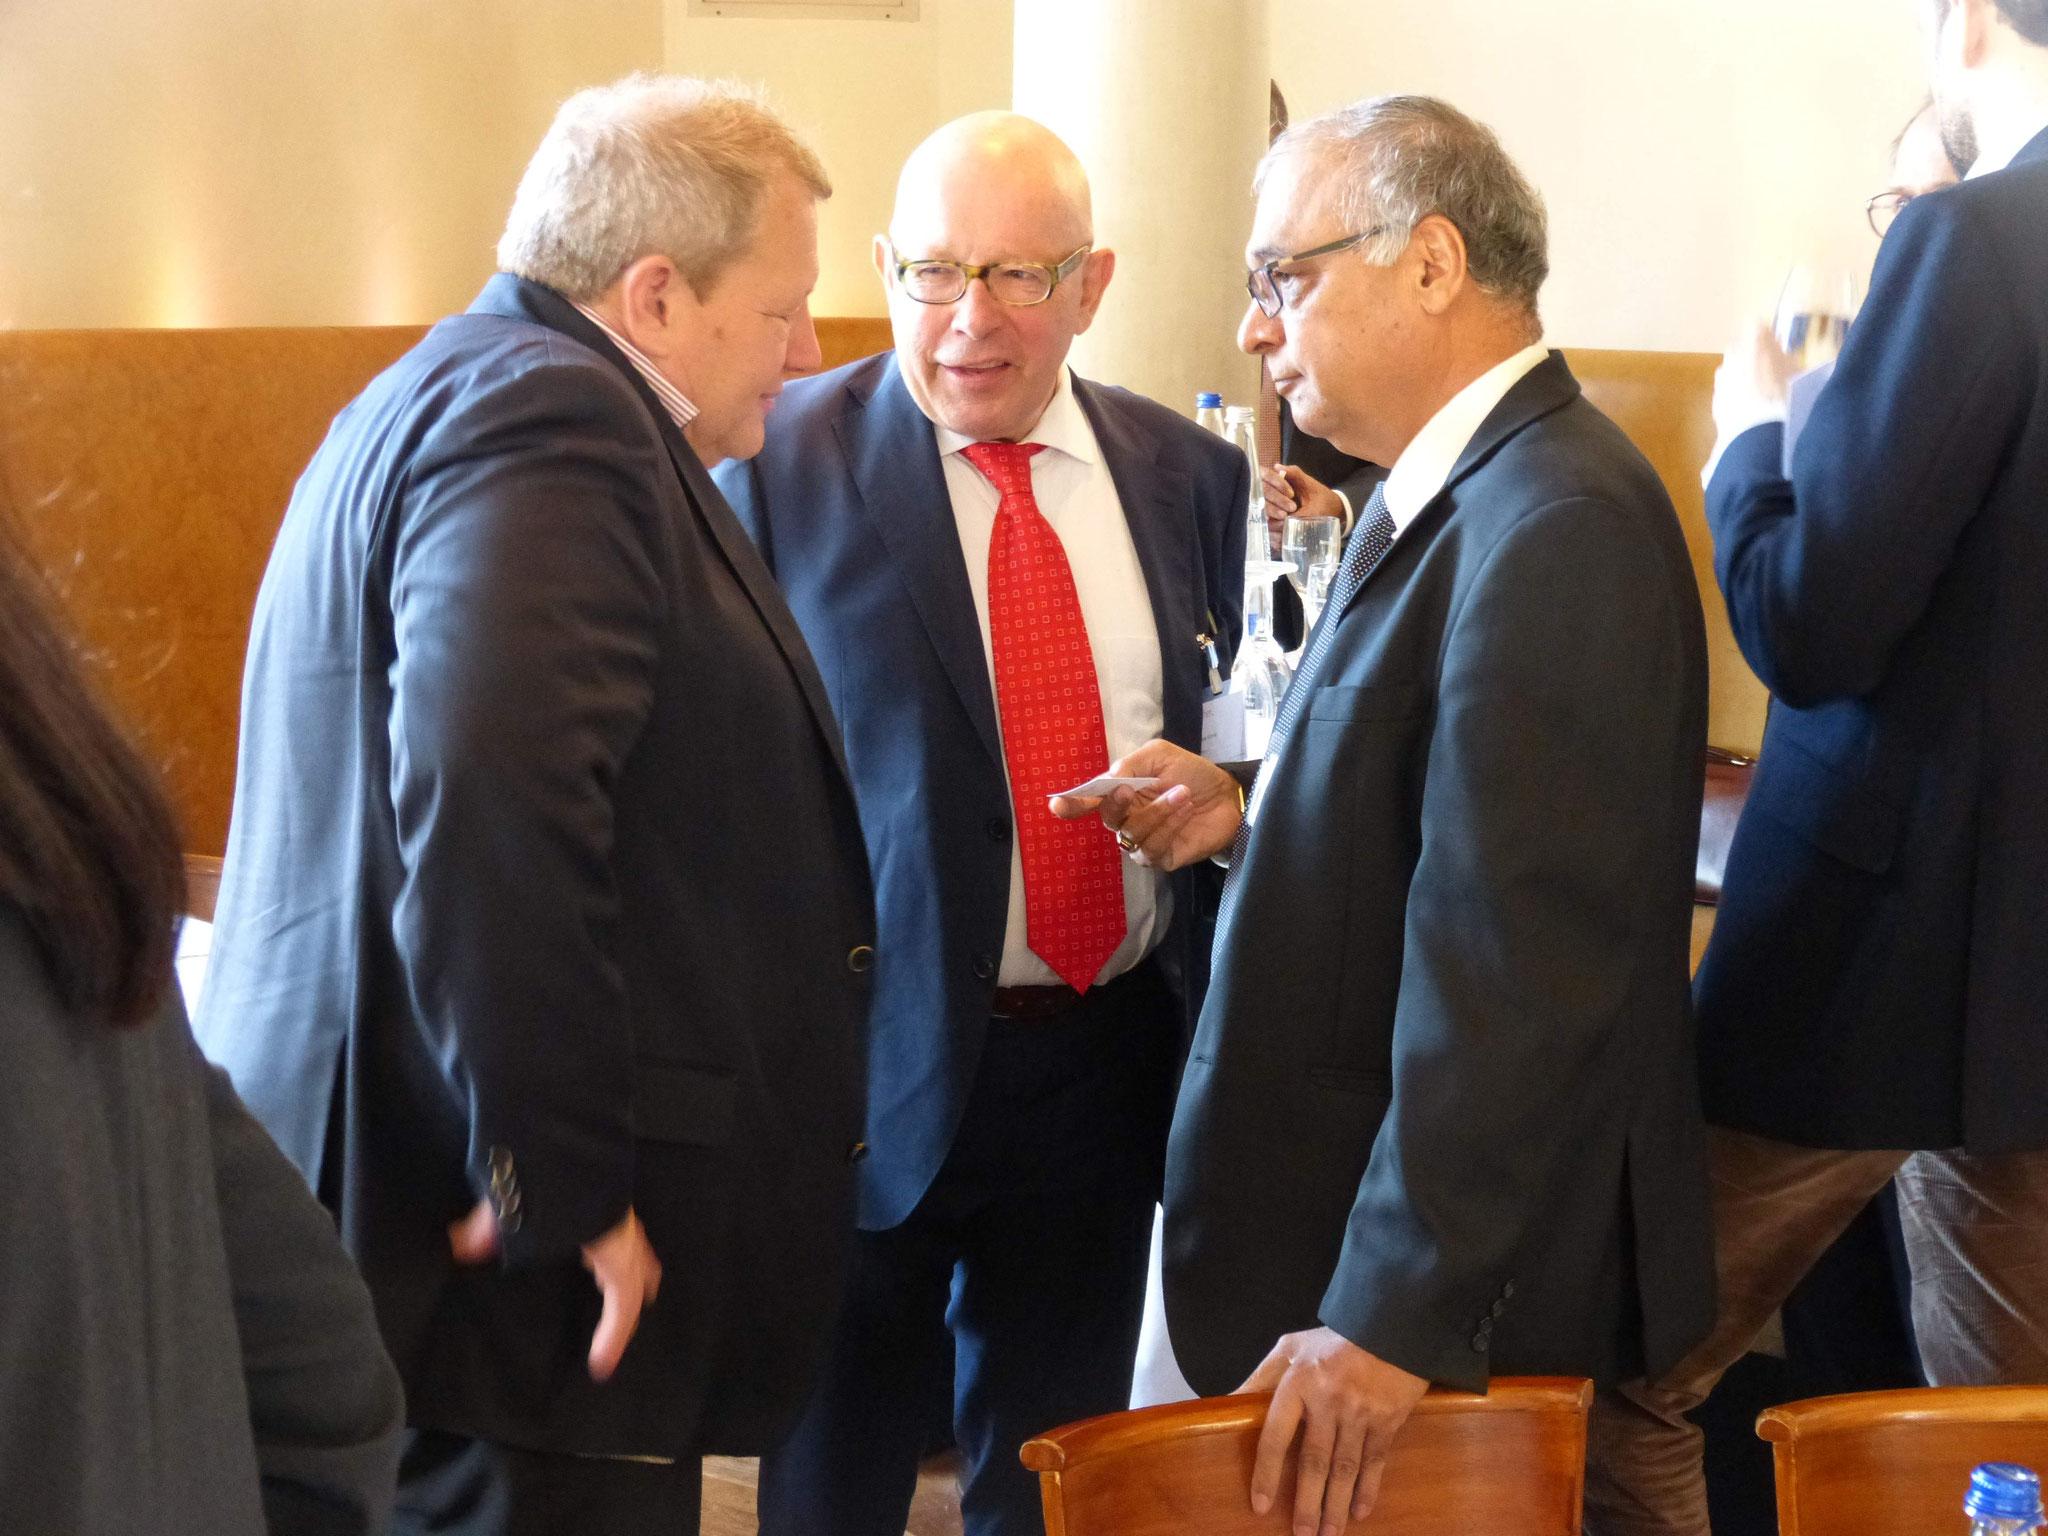 Dr. Tariq (BRSI Direktor Middle East) überreicht seine Visitenkarte an das BRSI-Mitglied David J. Giauque